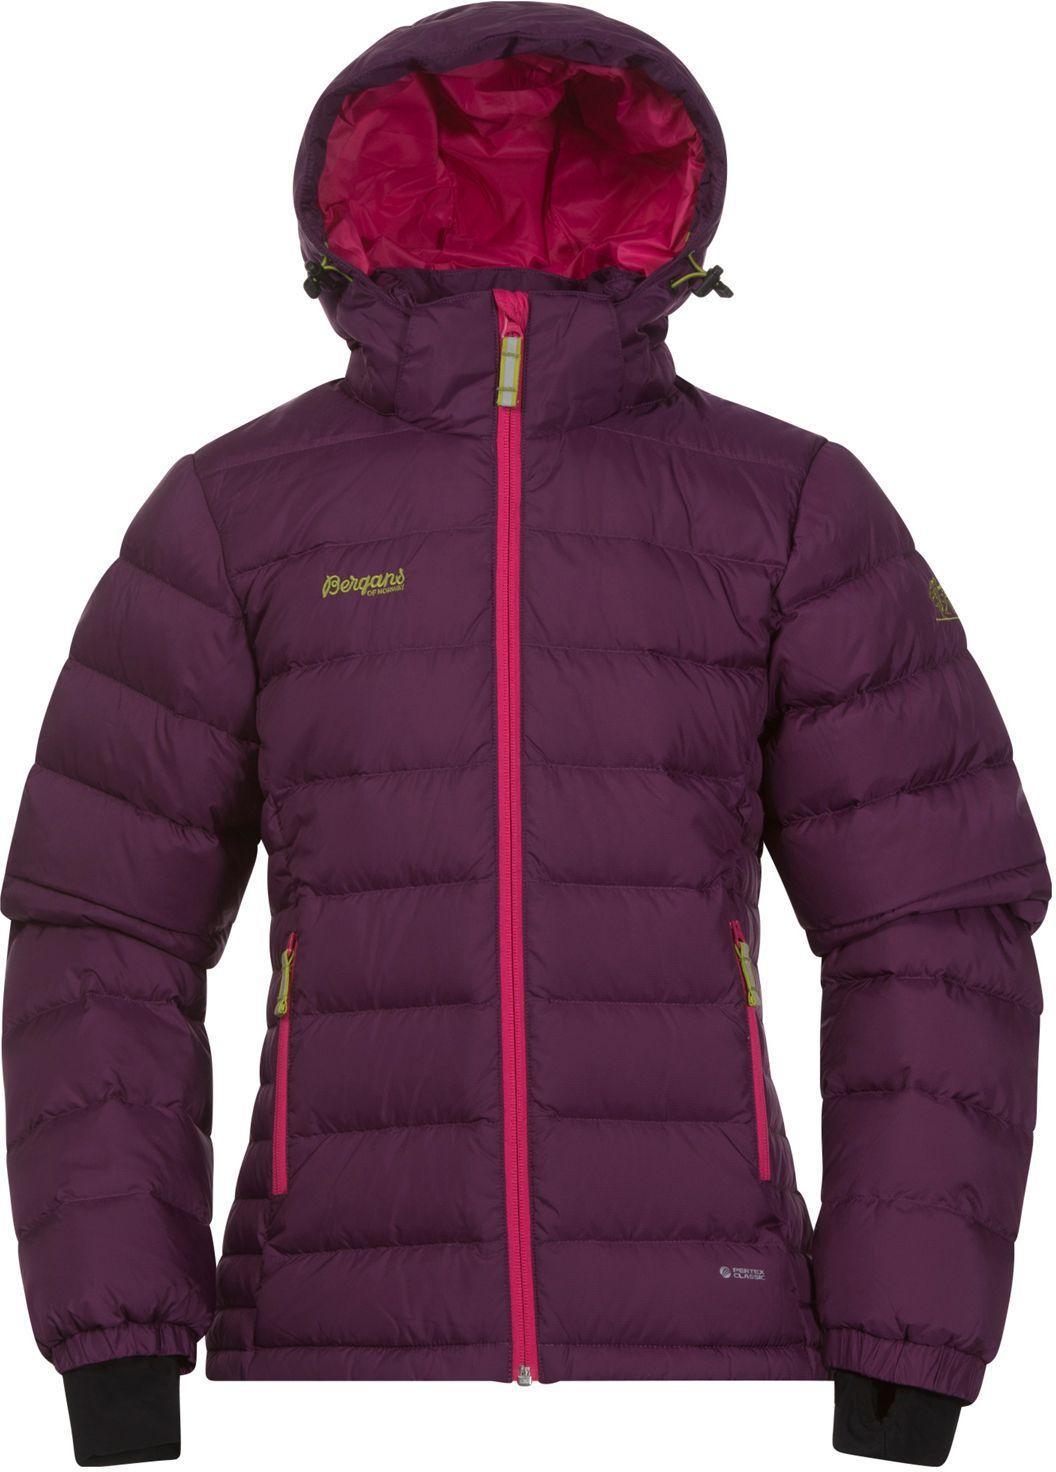 Youth Adidas Jacket